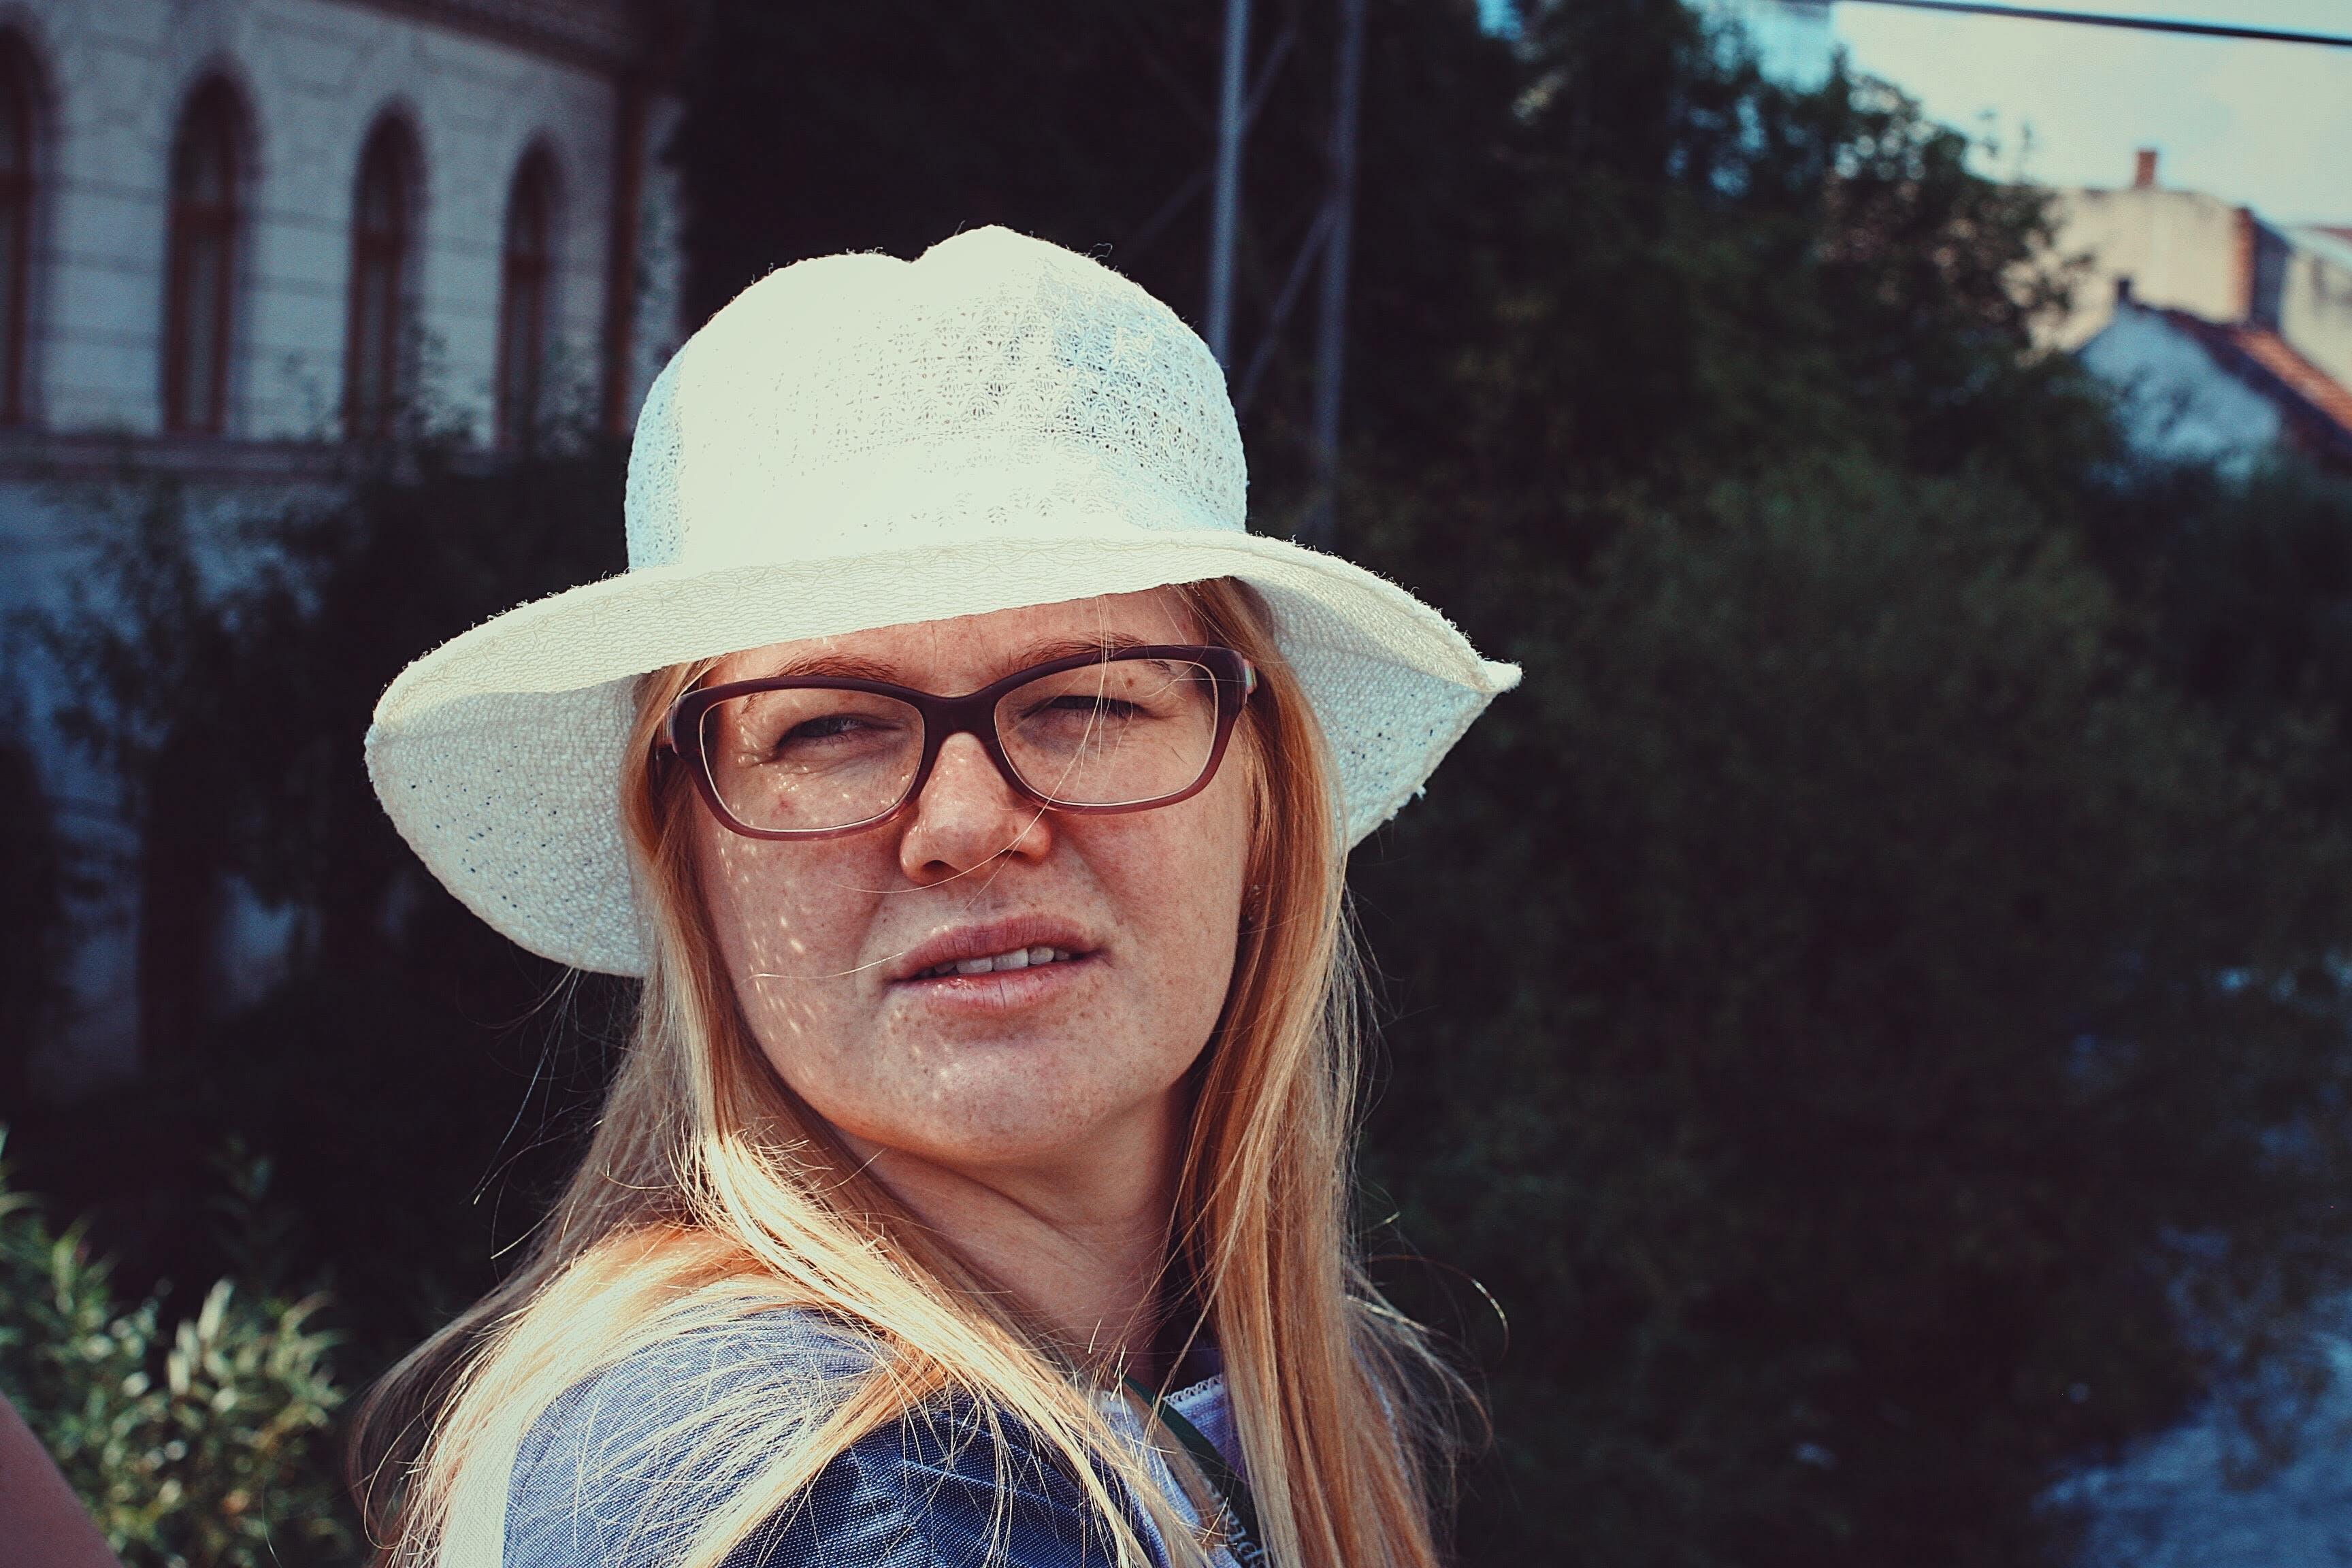 Fotos de stock gratuitas de bizco, cara, expresión facial, gafas